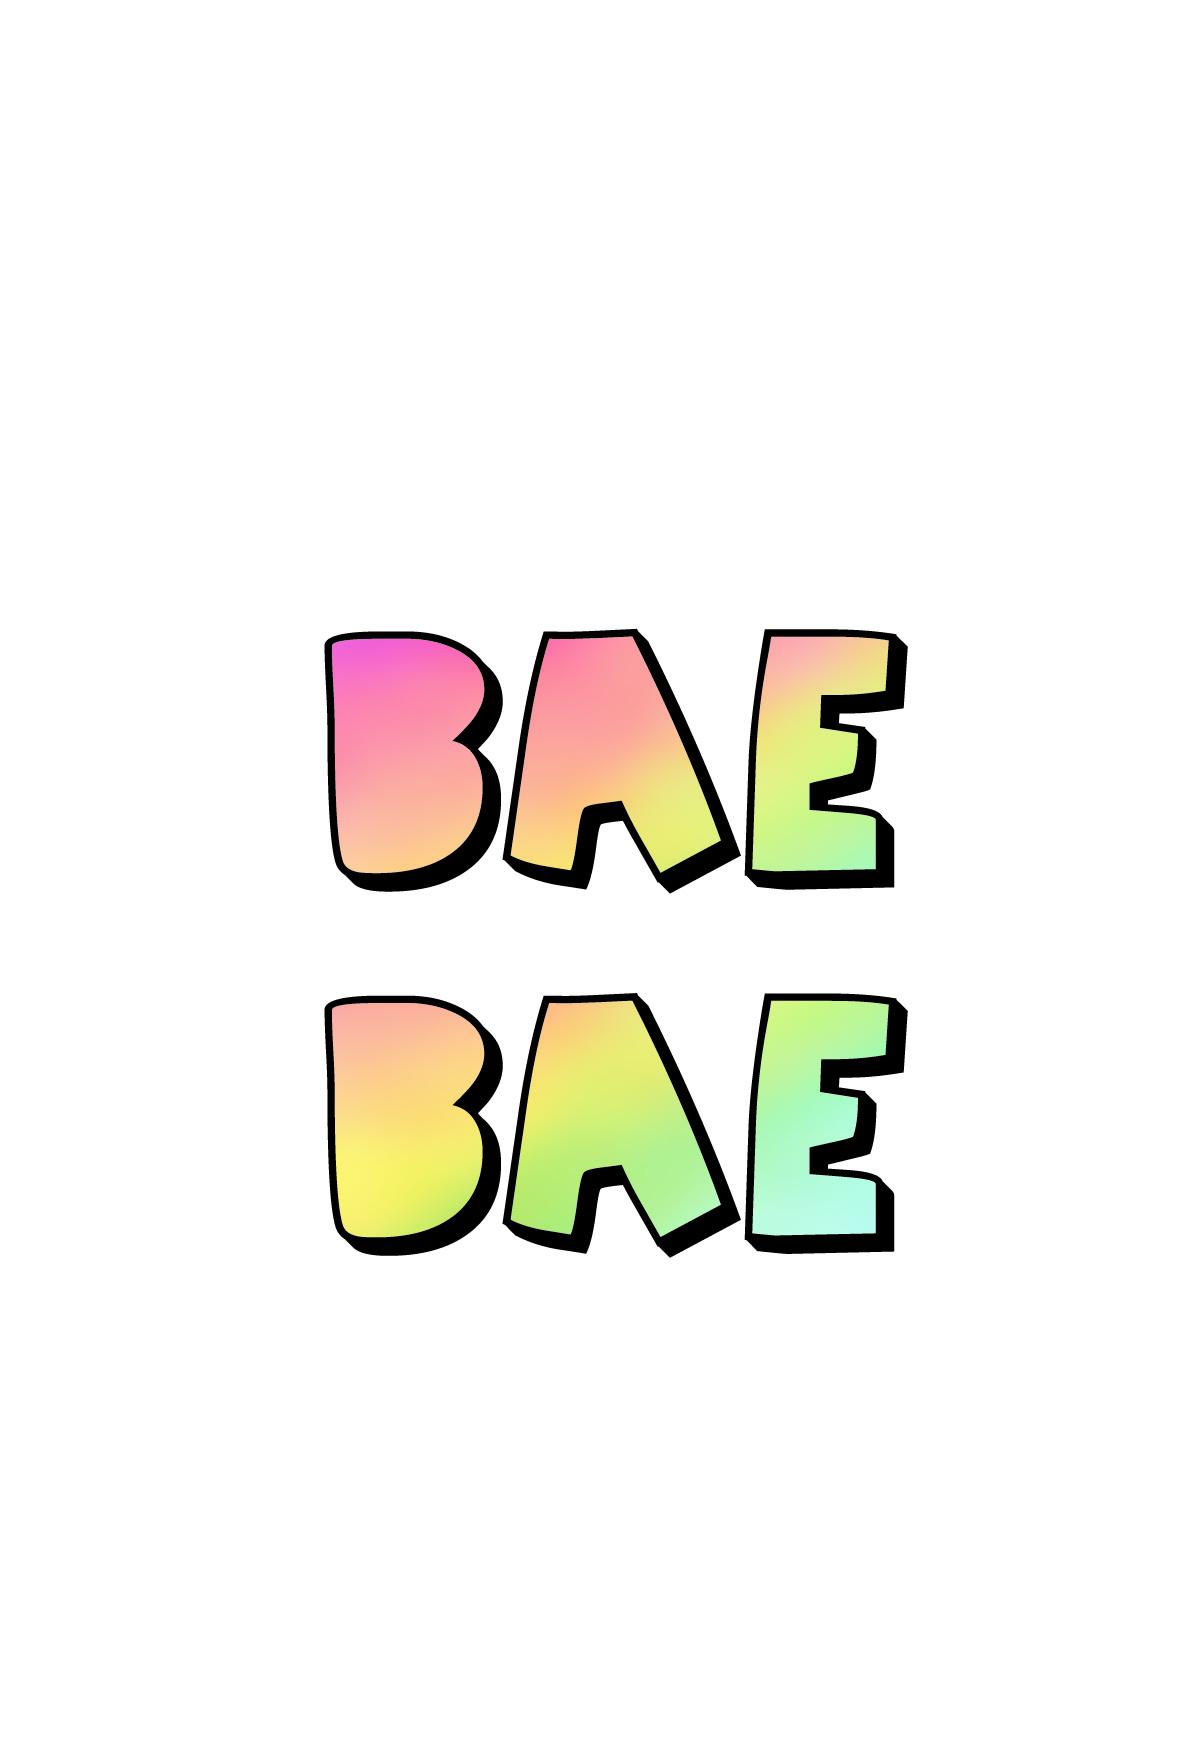 Bae Bae_1-01.jpg